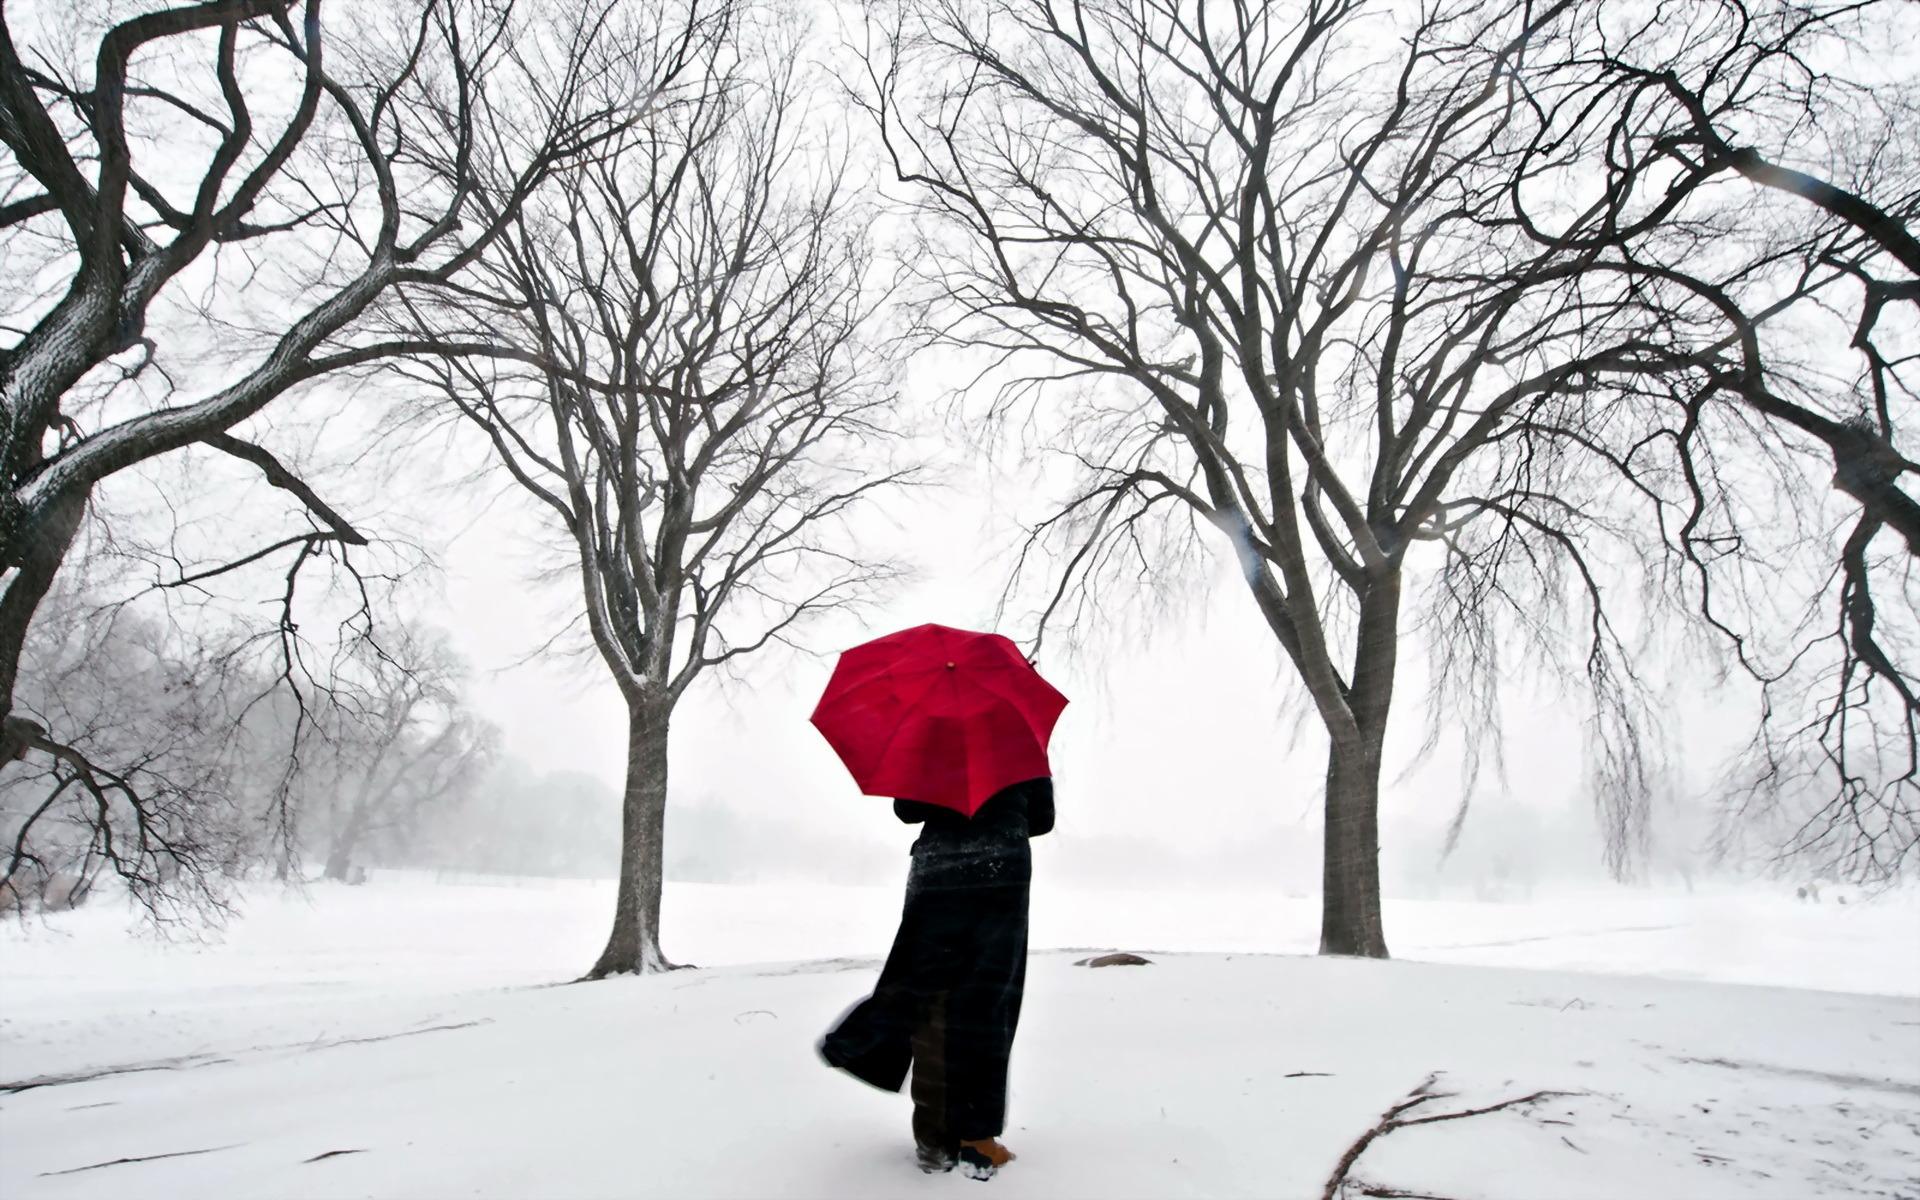 С зонтиком в лесу  № 3394159 без смс